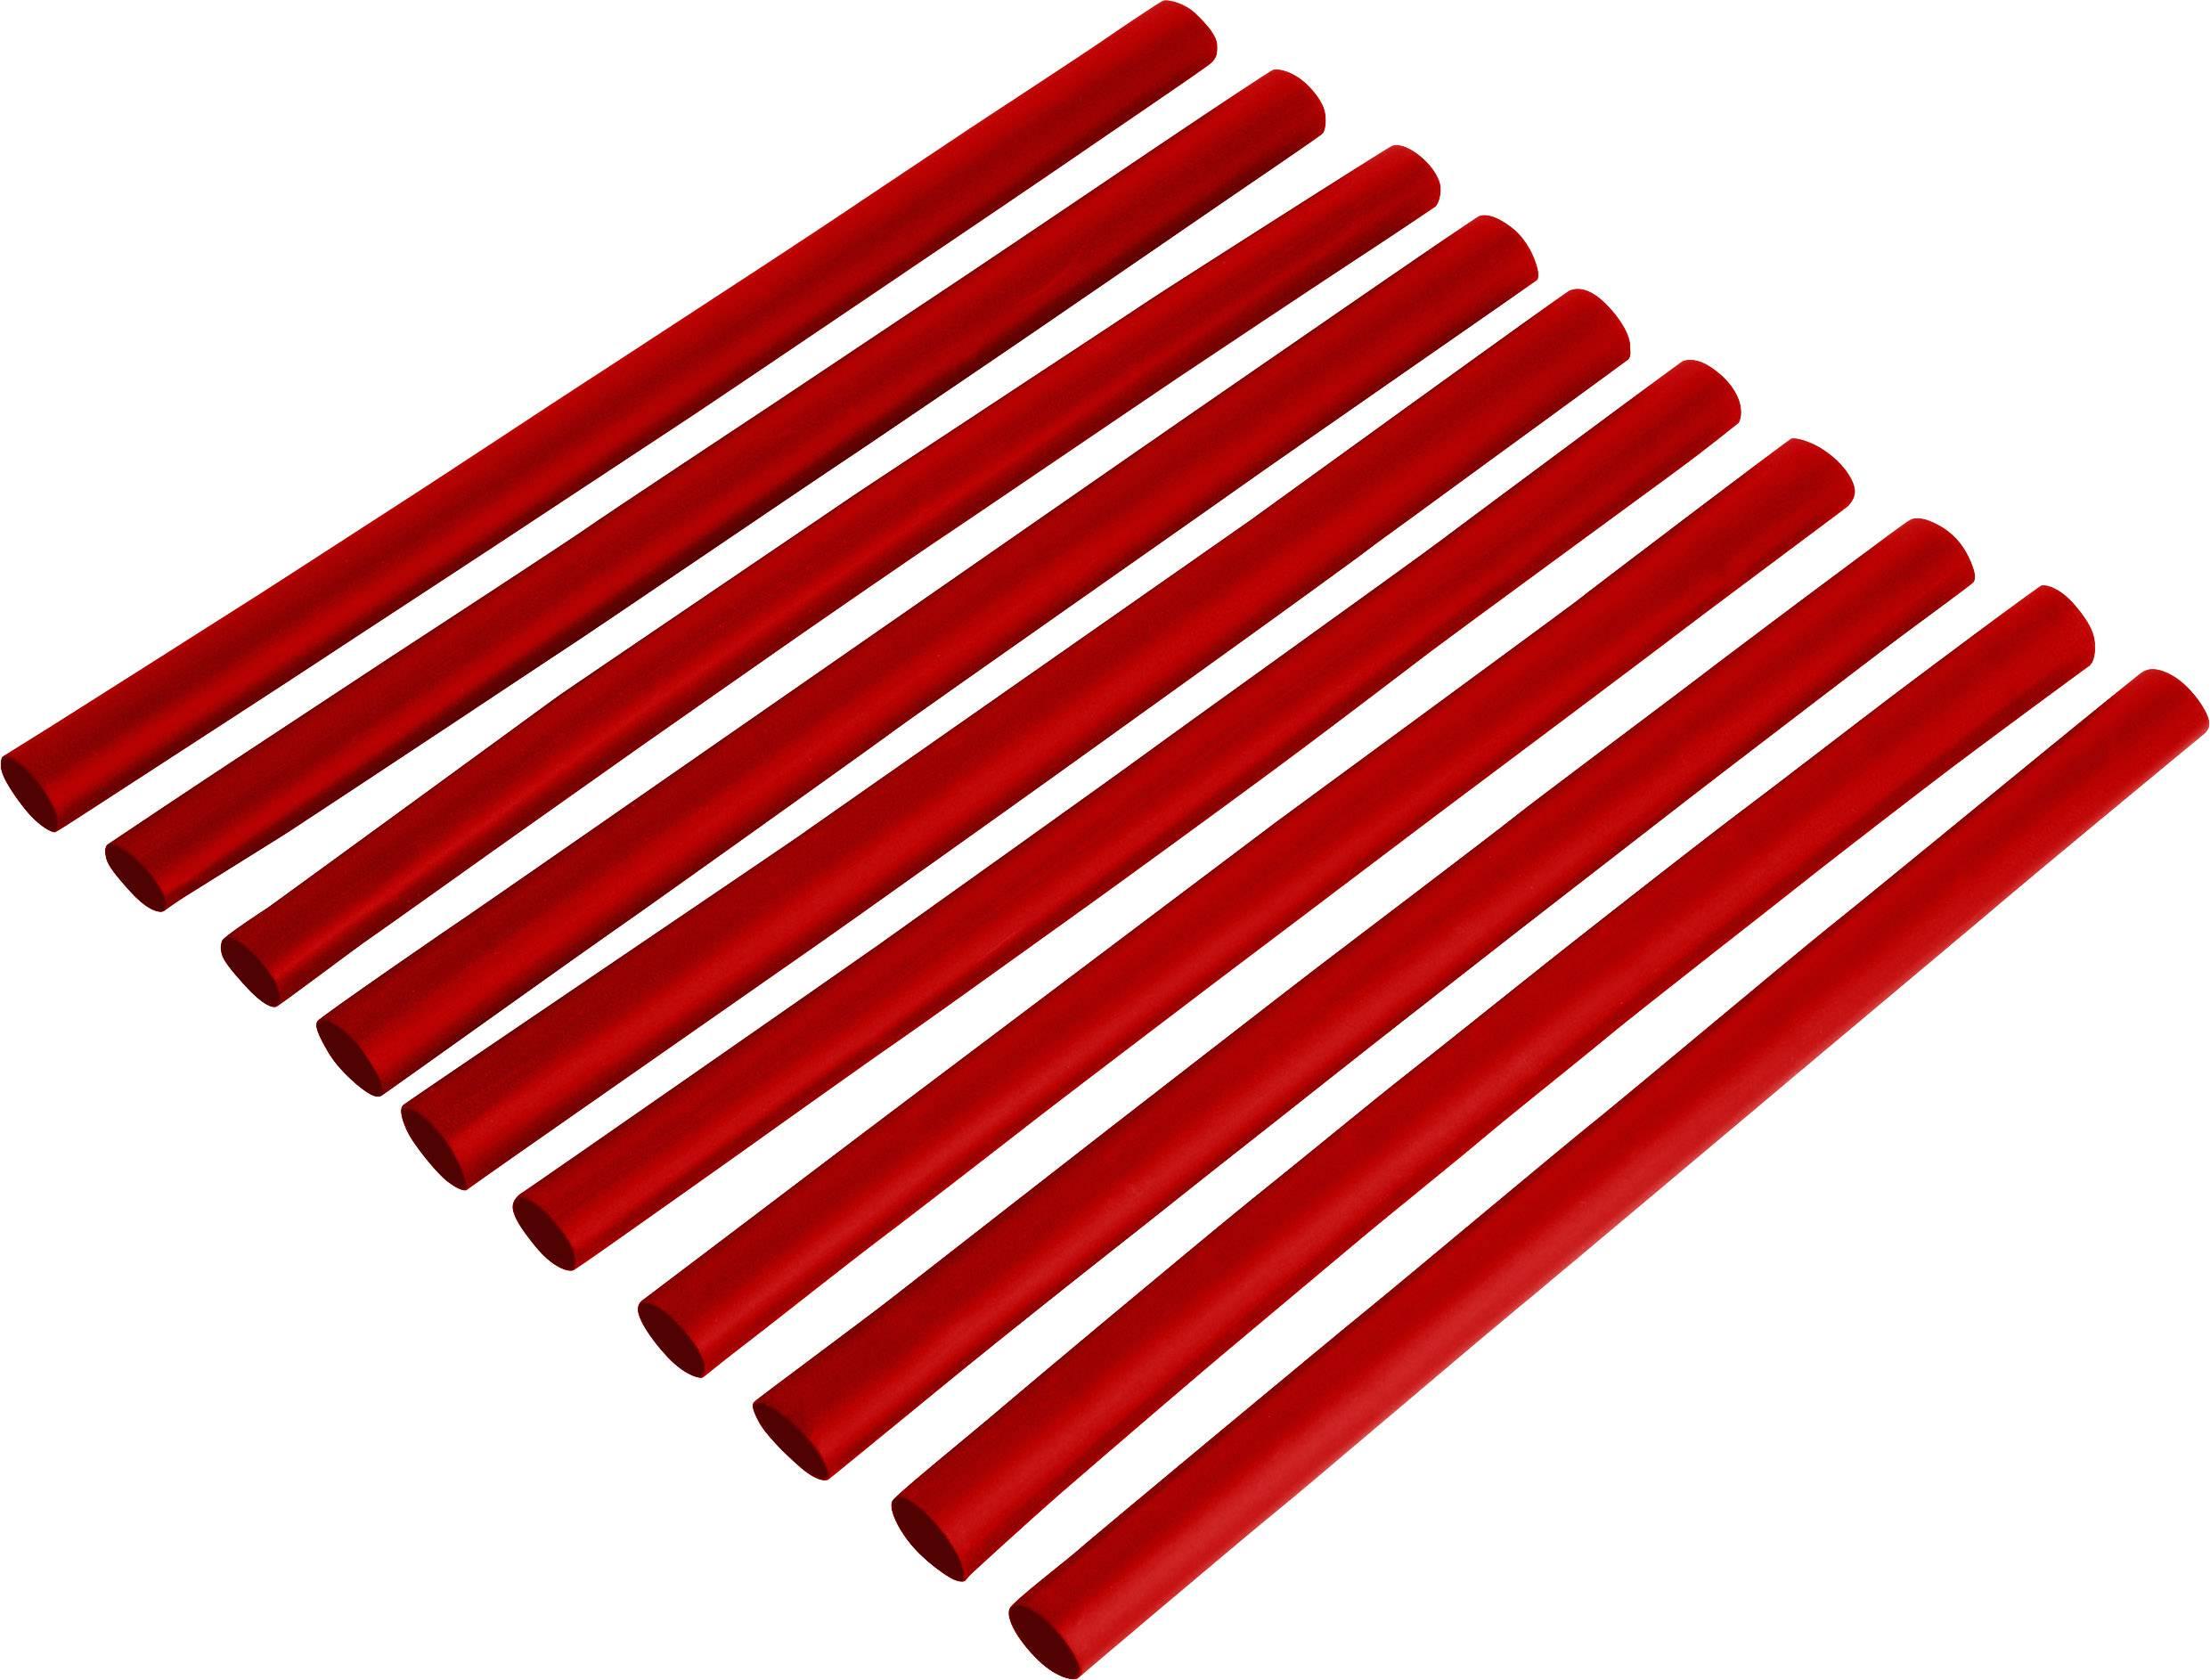 Sada zmršťovacých bužírok DSG Canusa H-SET 1/16, 2:1, 0.80 mm /1.60 mm, červená, 1 sada